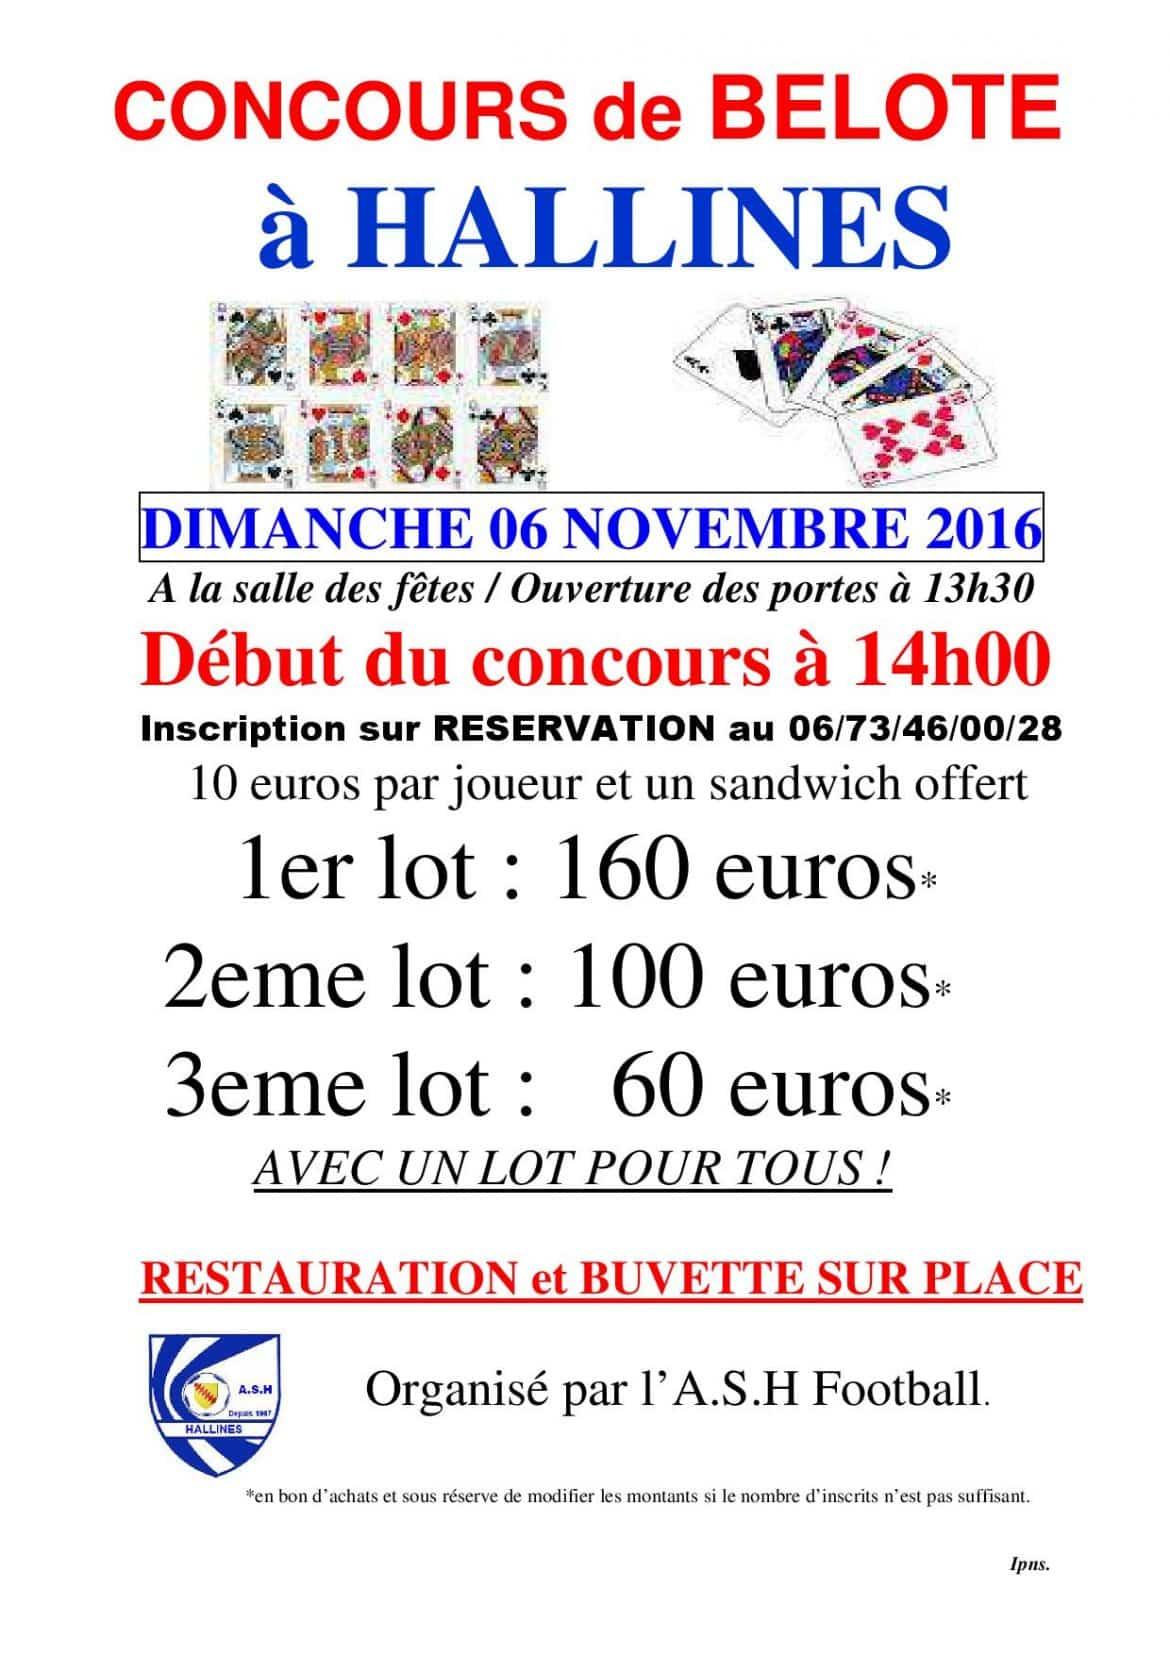 affiche TOURNOI de Belote à HALLINES 06 NOVEMBRE 2016-page-001